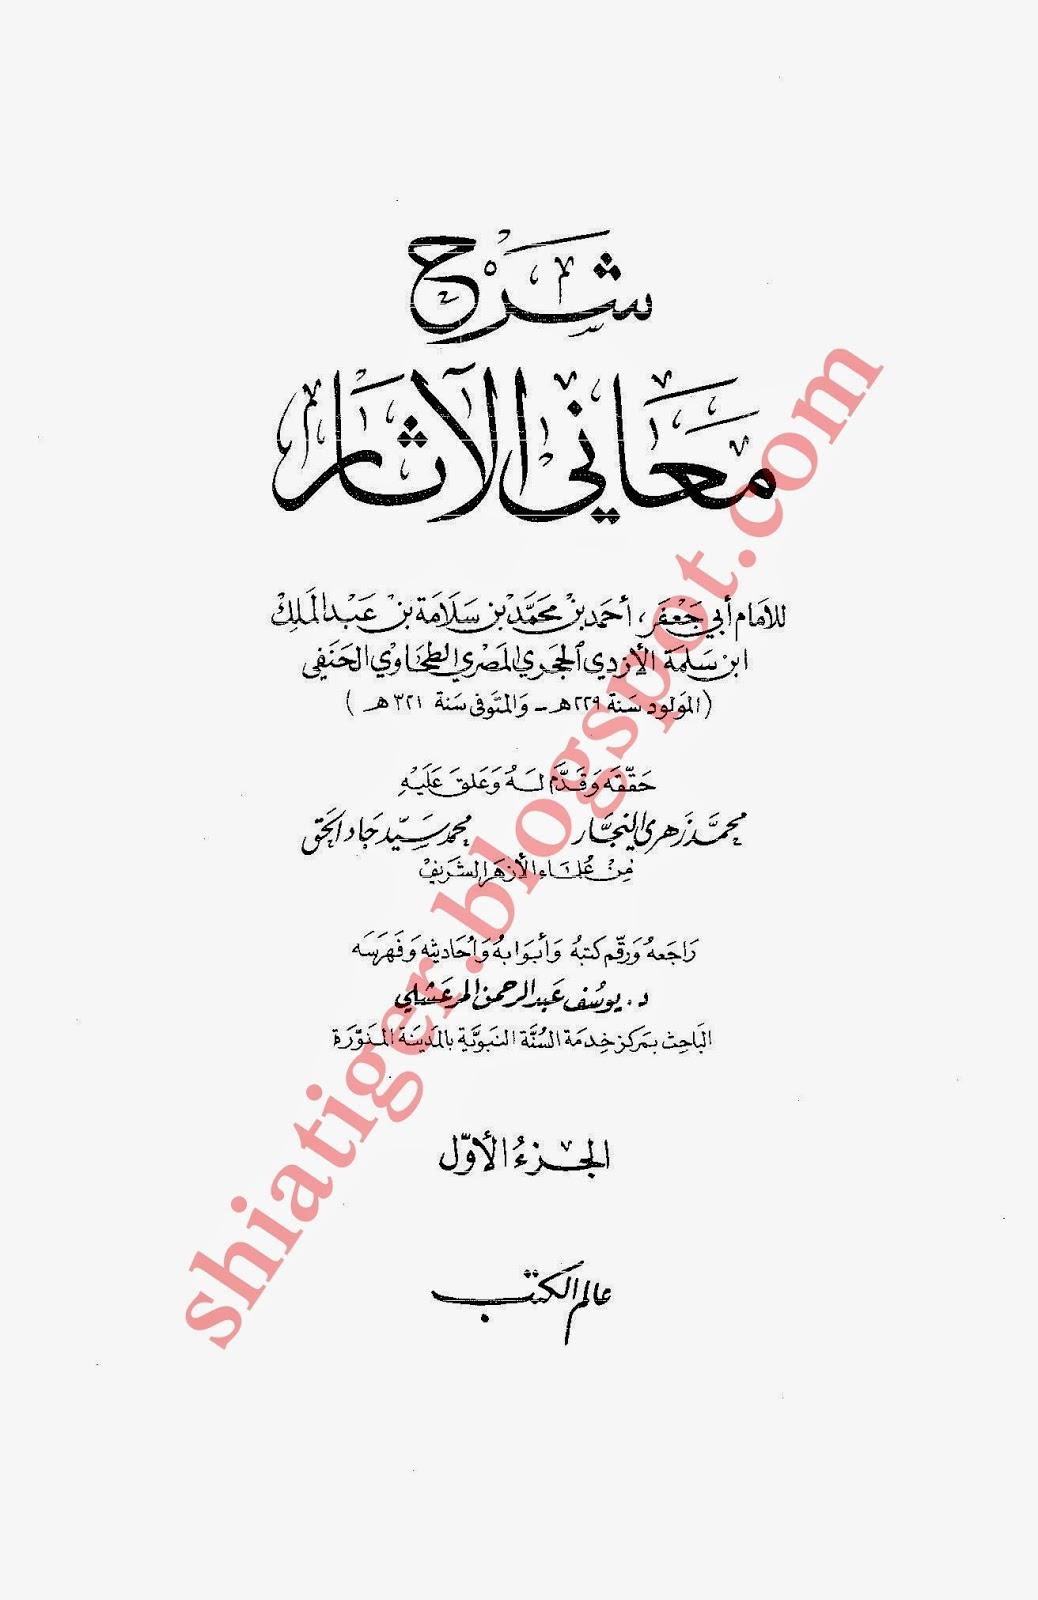 معاوية حمار عند ابن عباس